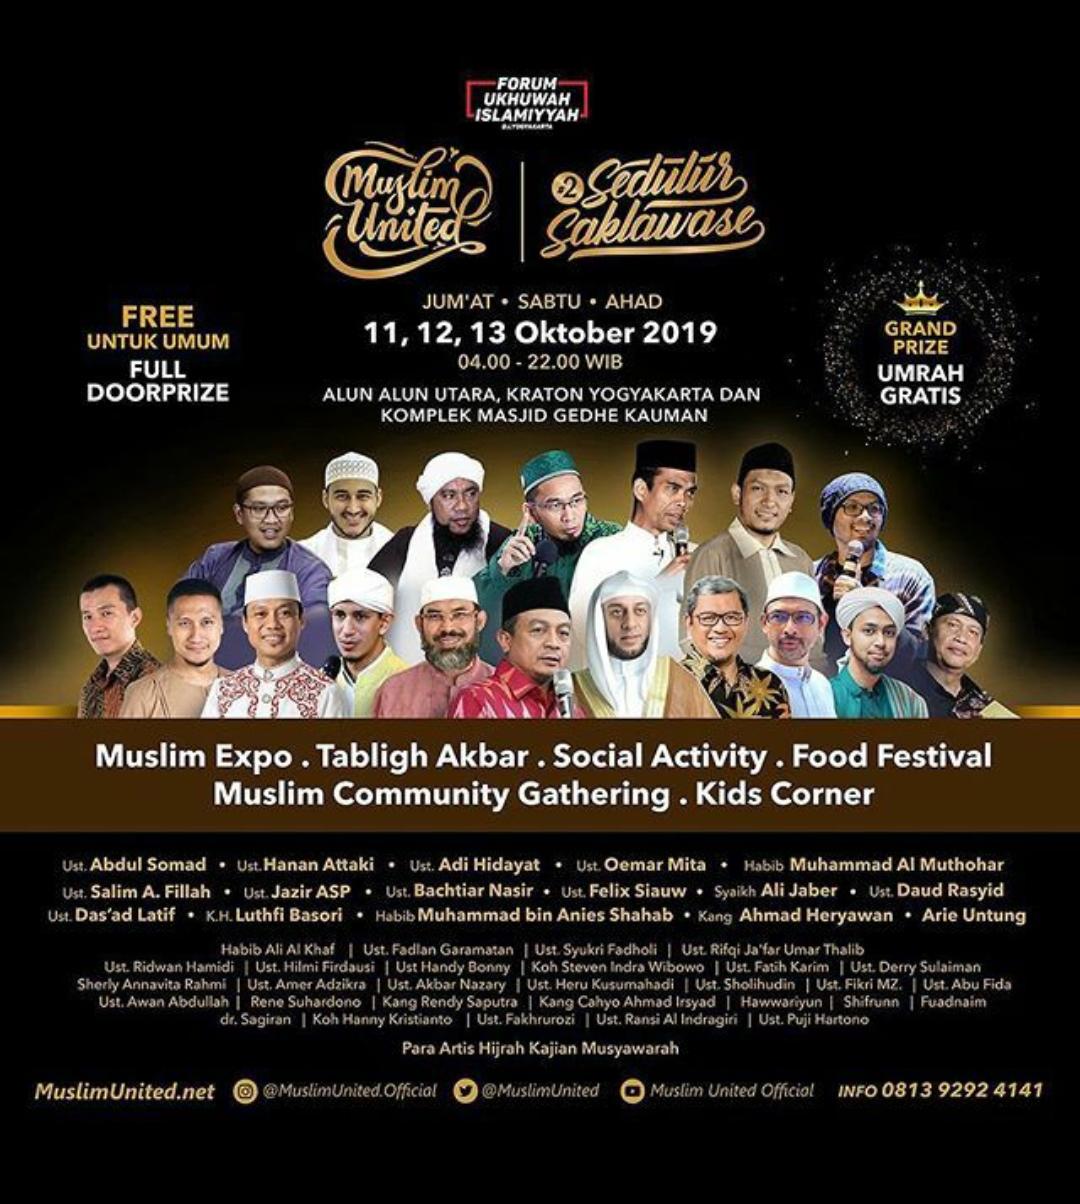 Muslim United dan Warisan Dakwah para Sultan